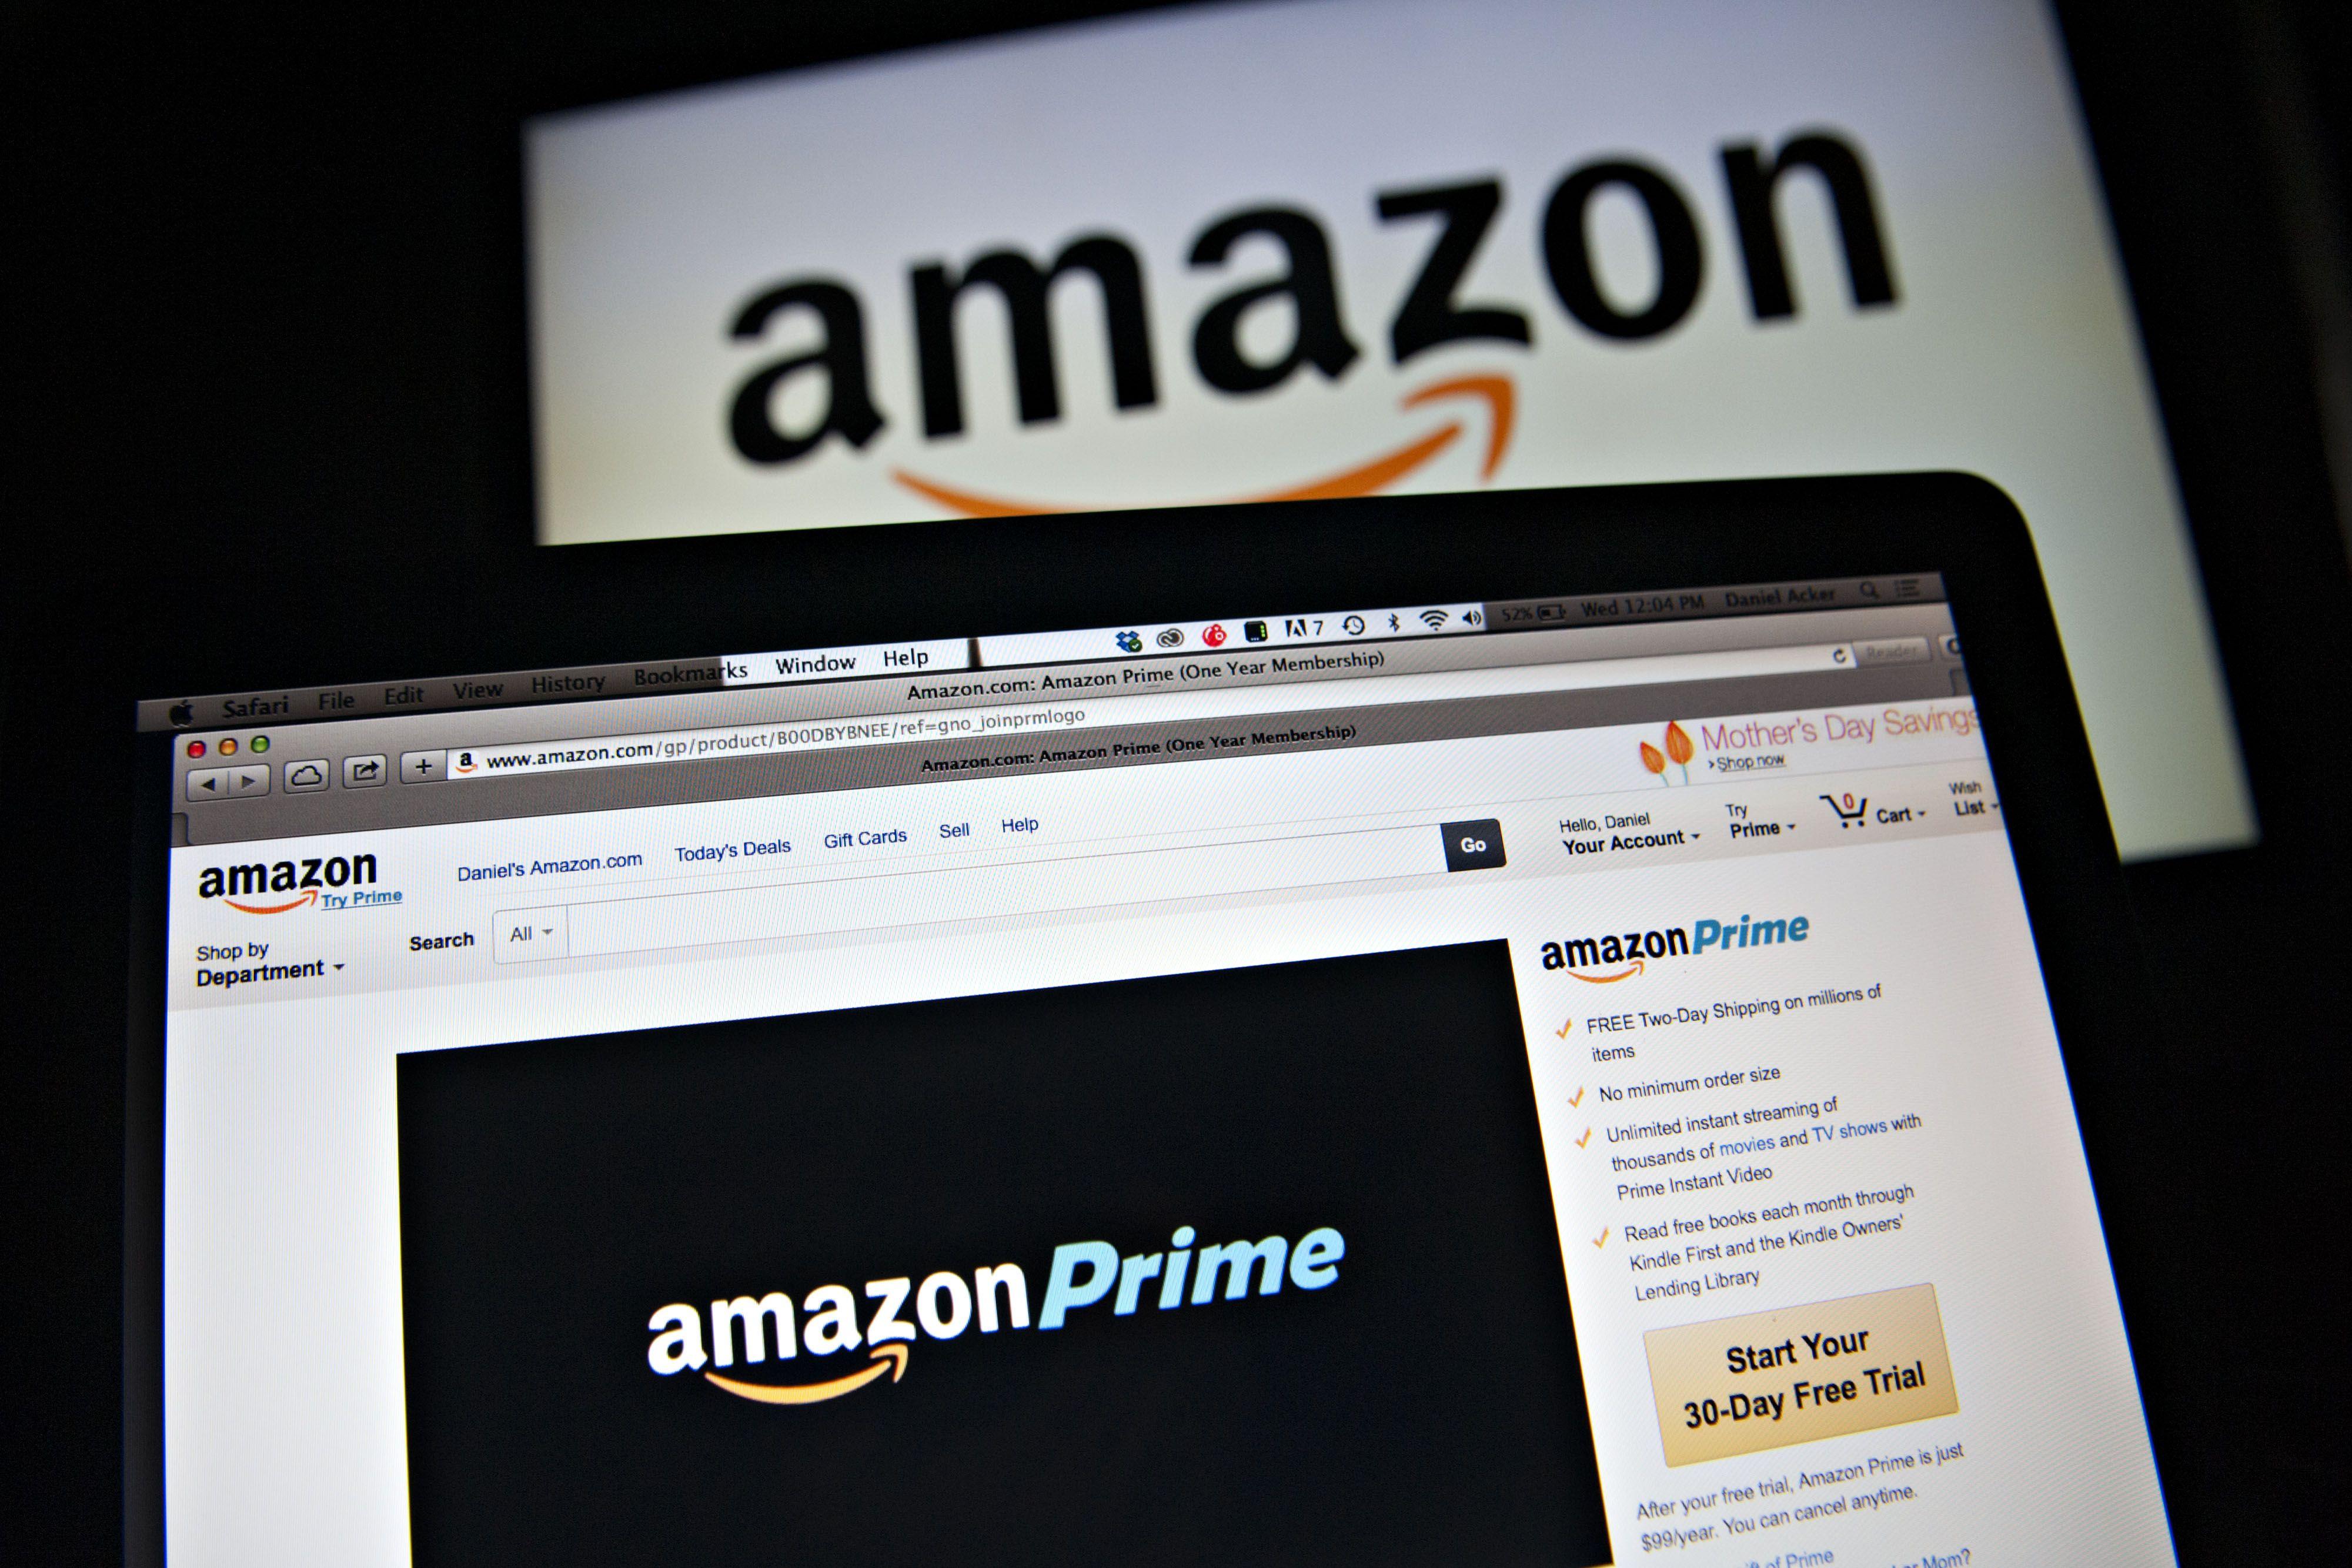 Amazon.com's website.